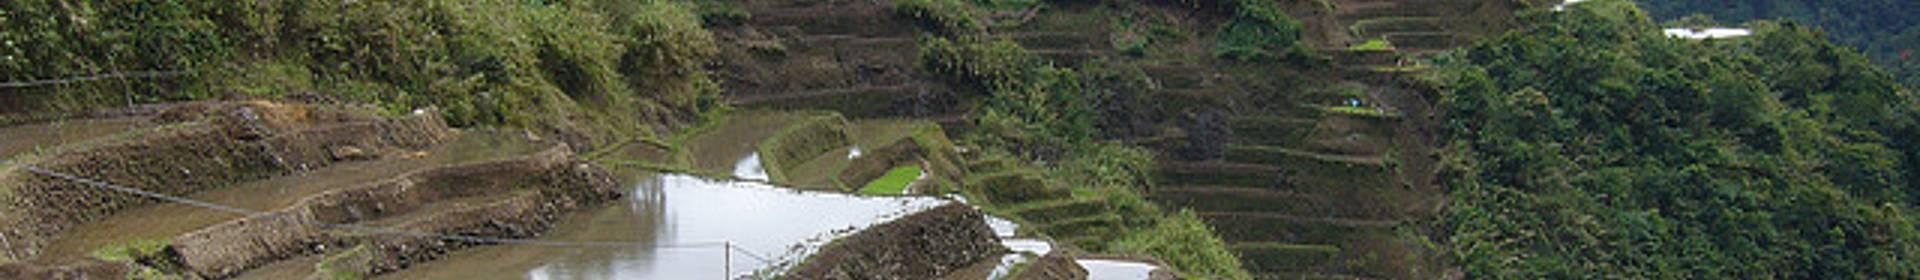 Maligcong